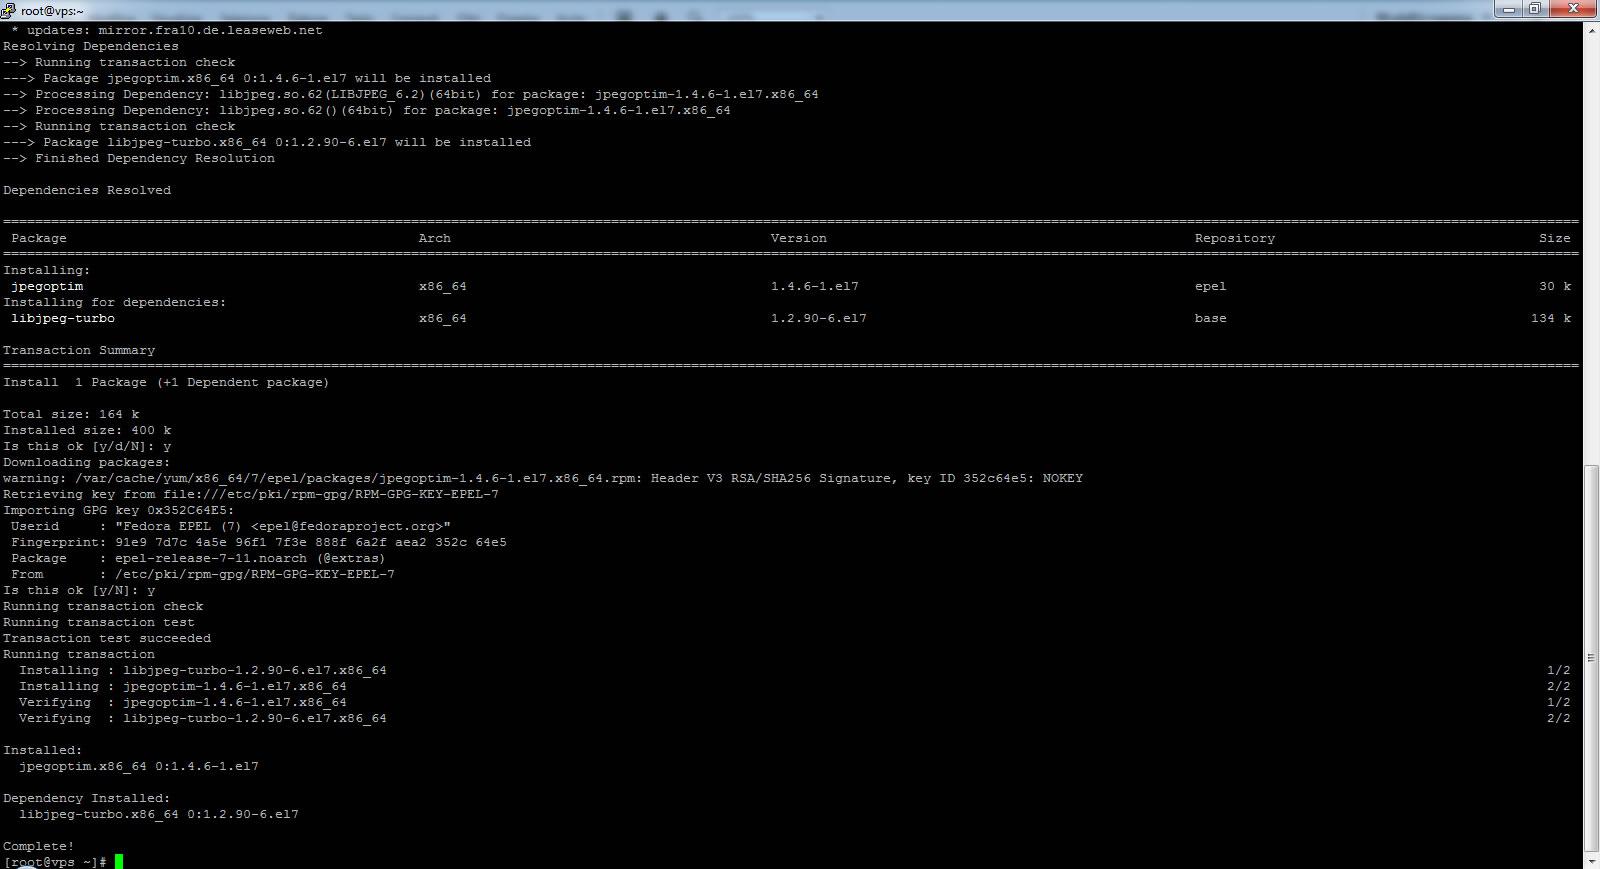 Immagine della guida Ottimizzare e comprimere JPG e PNG da ssh (shell) del sito Cionfs.it